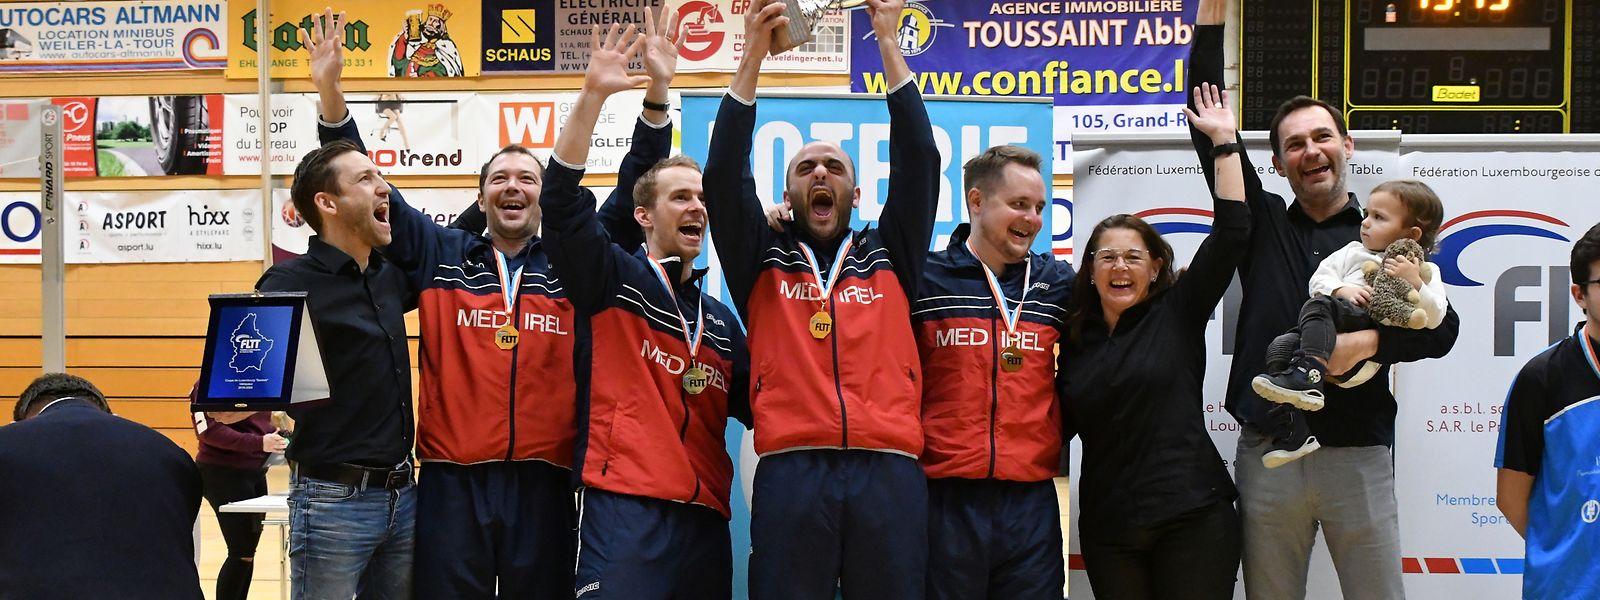 Die Düdelinger Andy Cattazzo (Kapitän), Zoltan Fejer-Konnerth, Dennis Müller, Fabio Santomauro, Gilles Michely, Bianca Bauer (Trainerin) und Steve Goetzinger (Trainer, v.l.n.r.) freuen sich über den Titelgewinn.